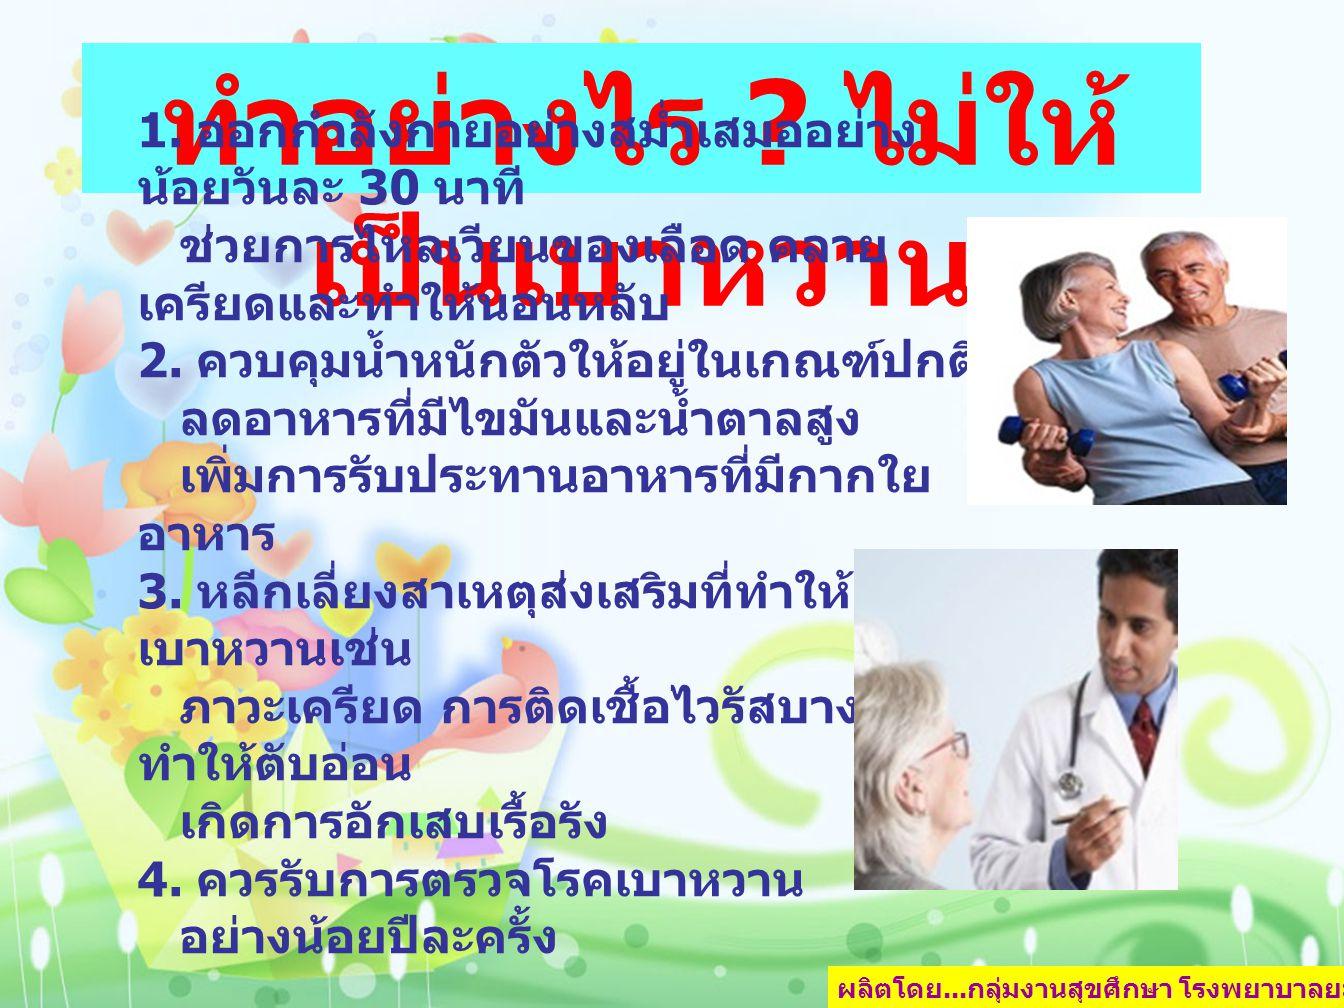 ผลิตโดย... กลุ่มงานสุขศึกษา โรงพยาบาลยะลา หน้า 6 ทำอย่างไร ? ไม่ให้ เป็นเบาหวาน 1. ออกกำลังกายอย่างสม่ำเสมออย่าง น้อยวันละ 30 นาที ช่วยการไหลเวียนของเ